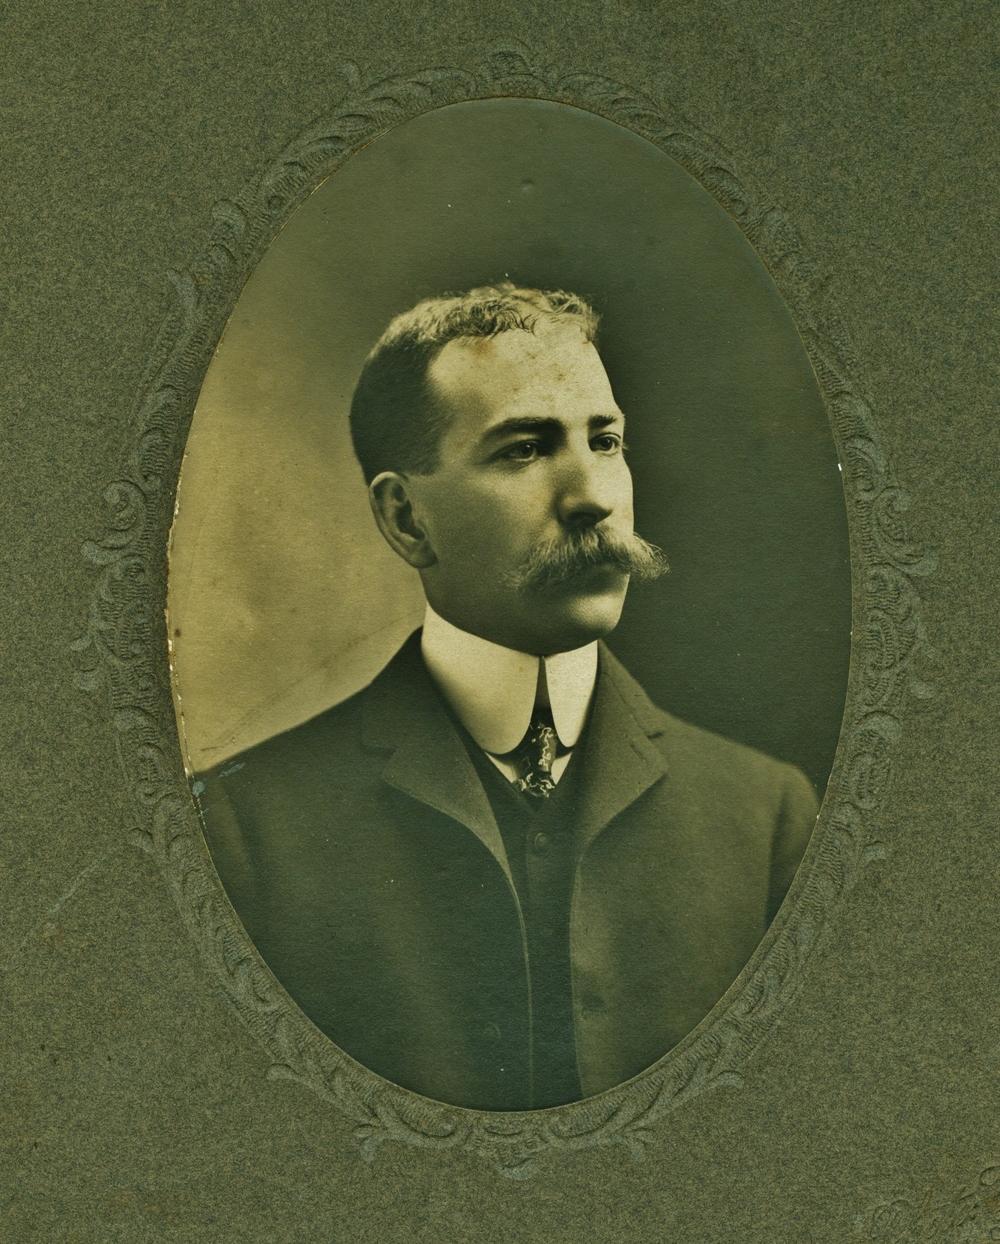 Captain O'Neill, Feb. 14, 1902